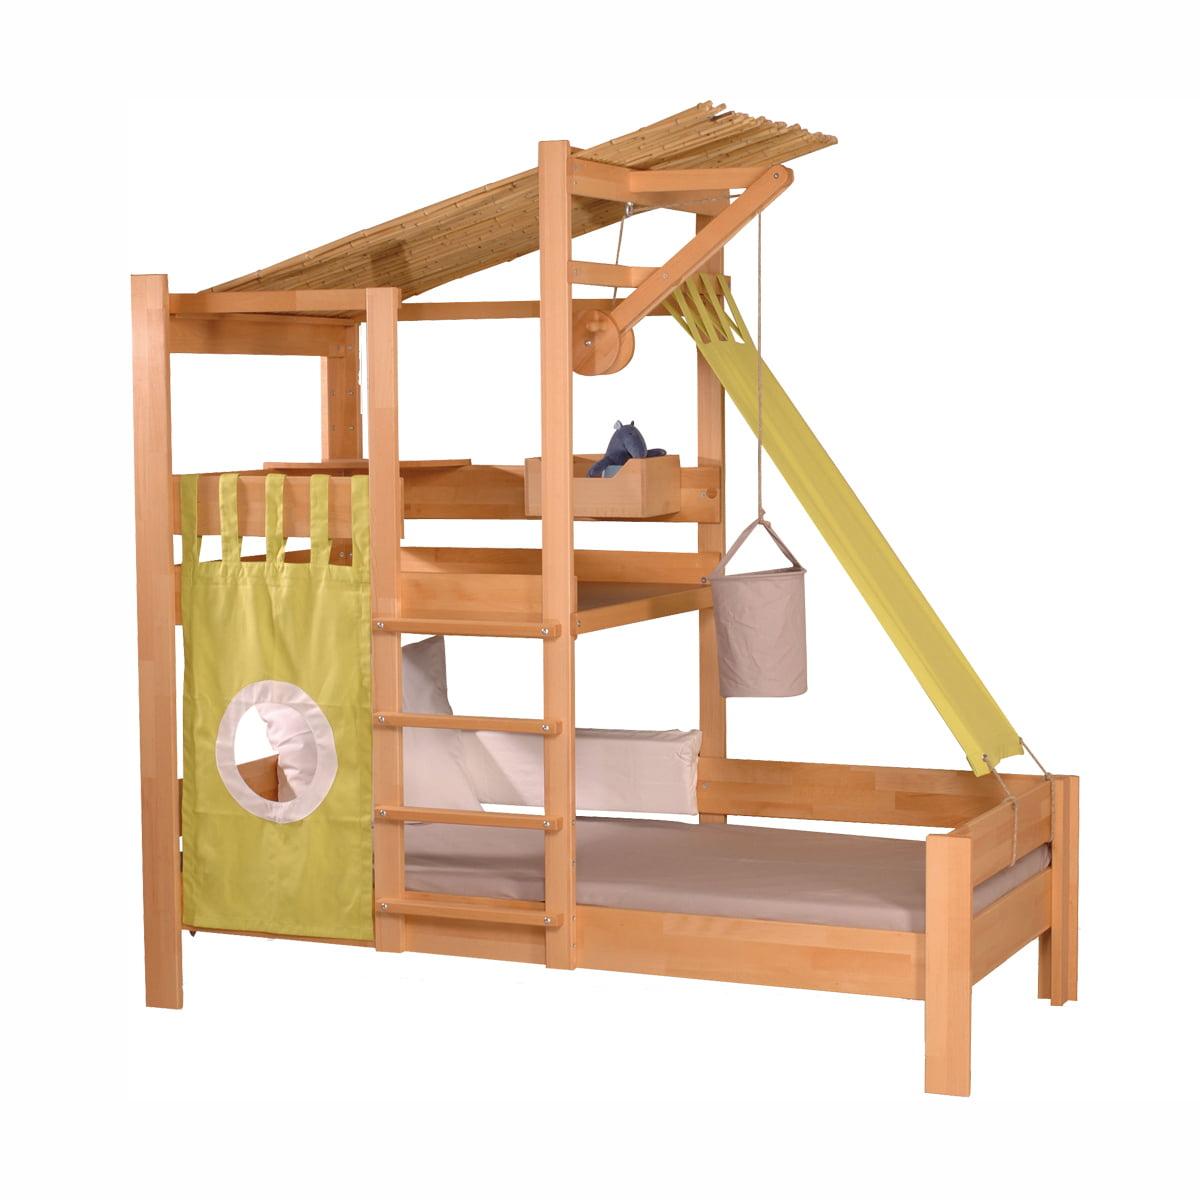 zubeh r f r baumhaus bett von de breuyn. Black Bedroom Furniture Sets. Home Design Ideas